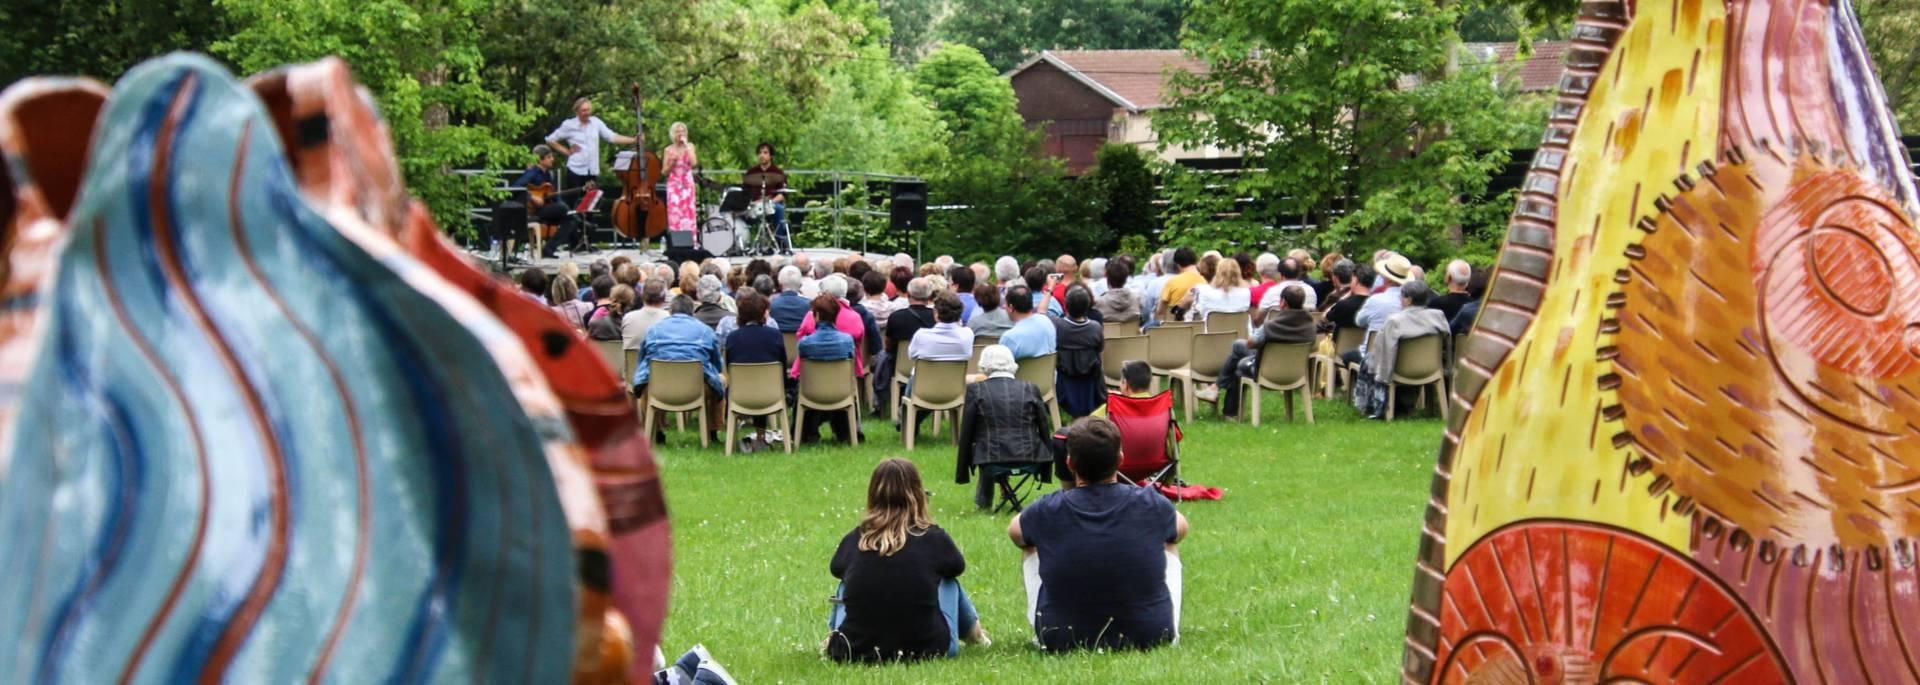 Concert dans le jardin de la Villa Perrusson, Écuisses. © Lesley Williamson.